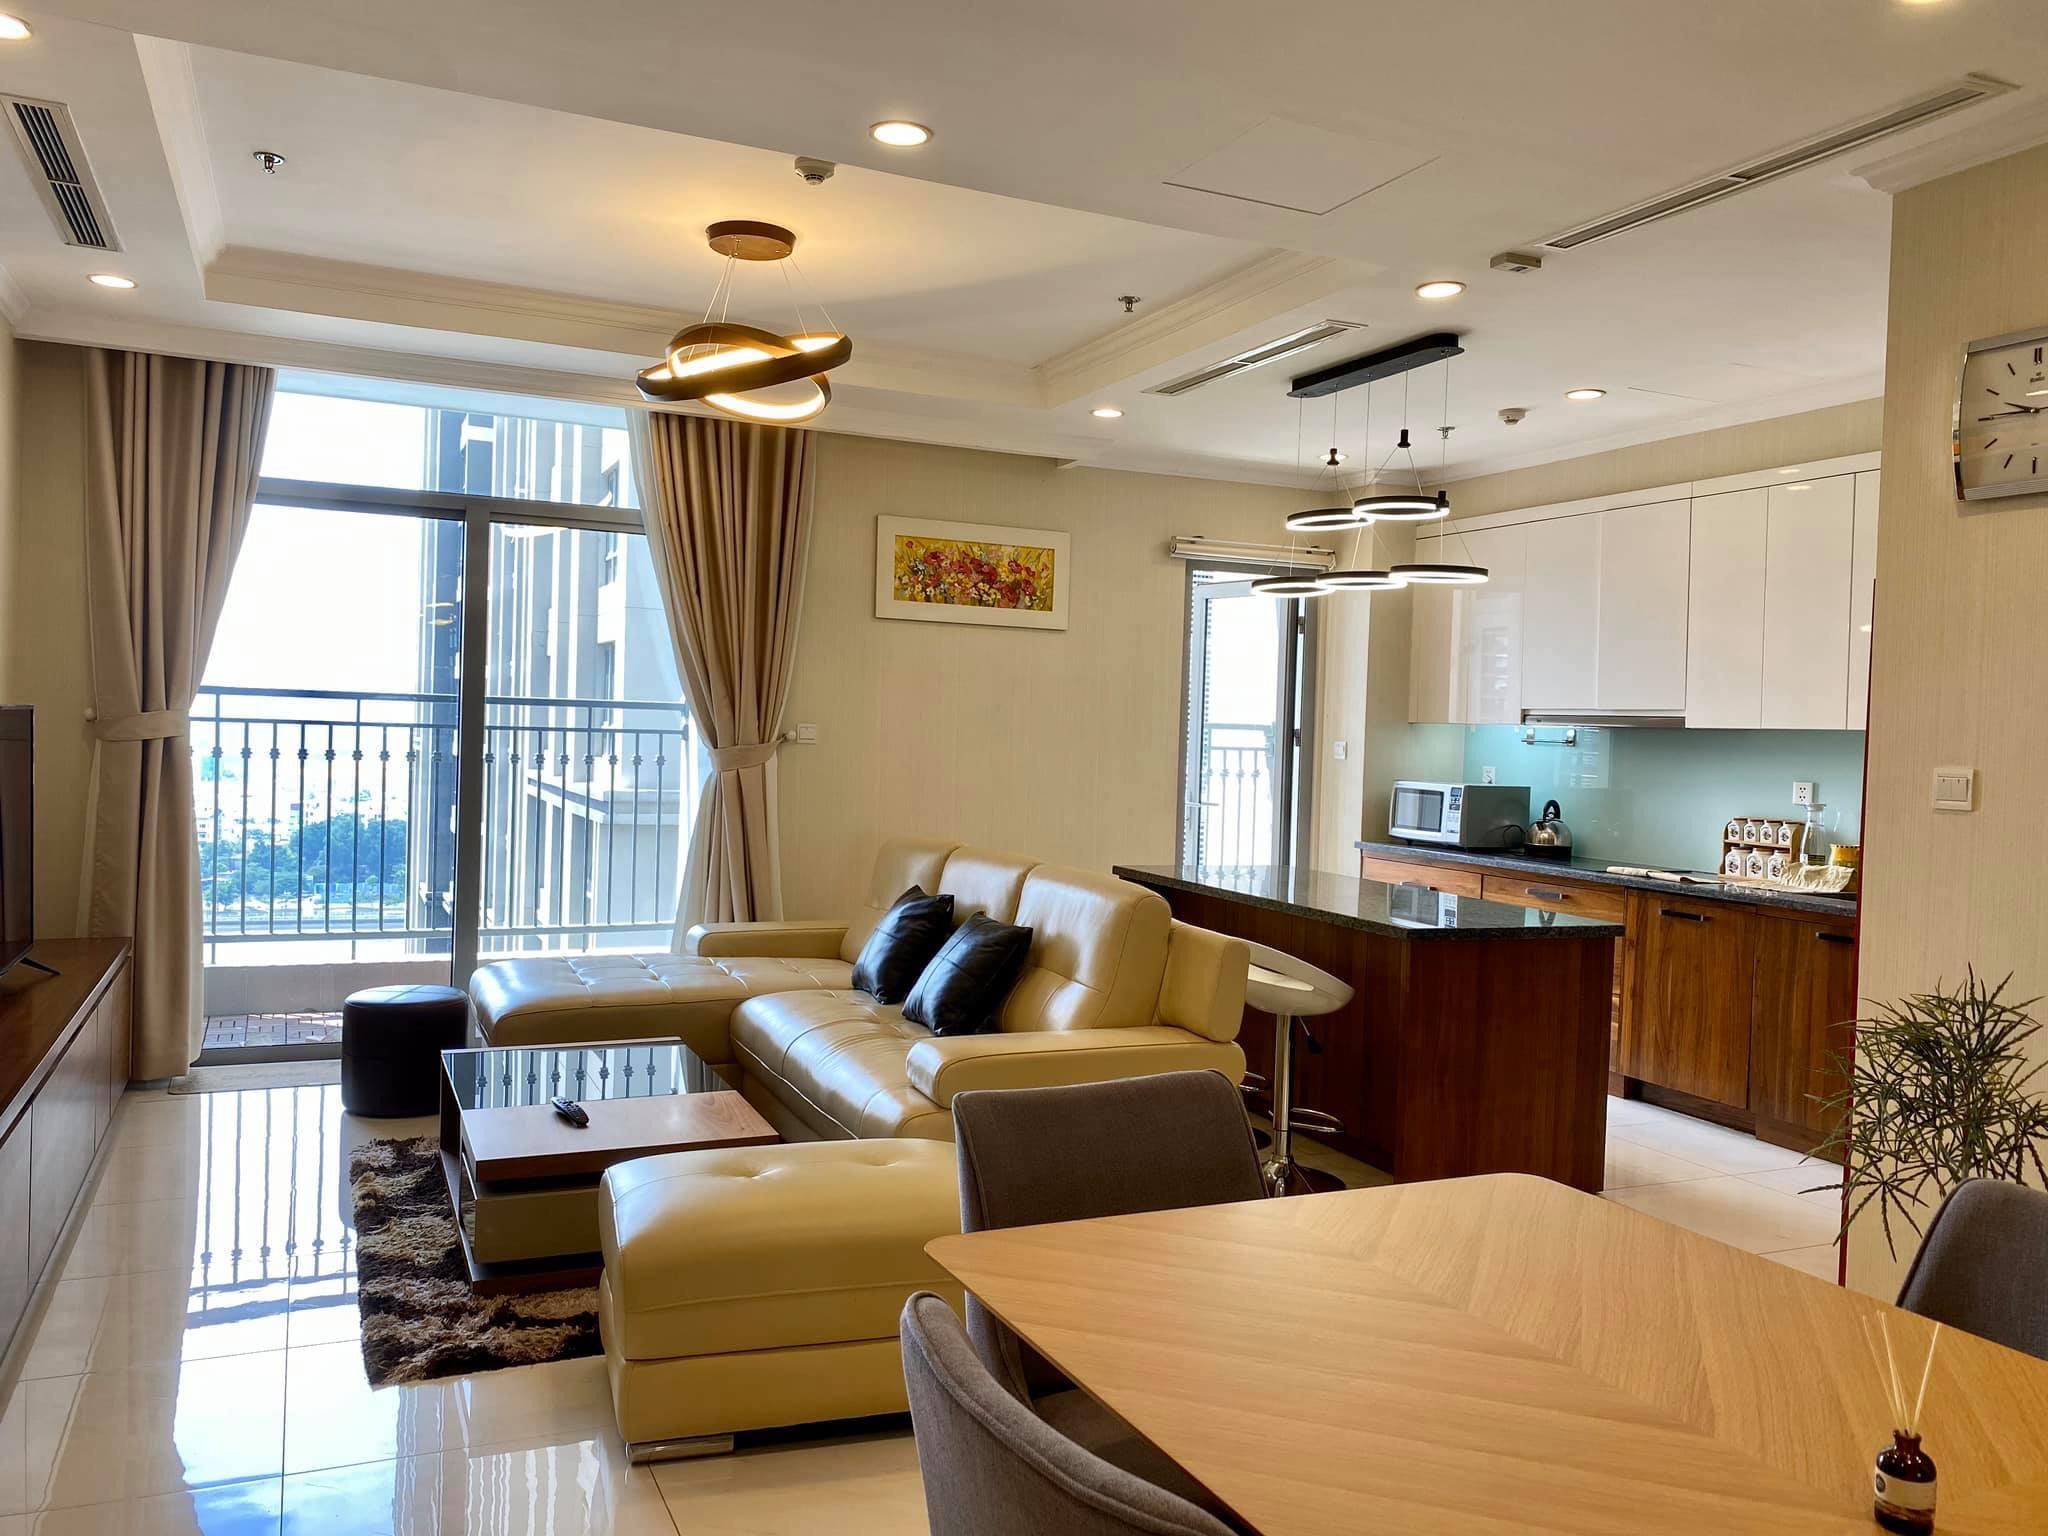 Cho thuê 4 phòng ngủ Vinhomes Central Park - ID 010126